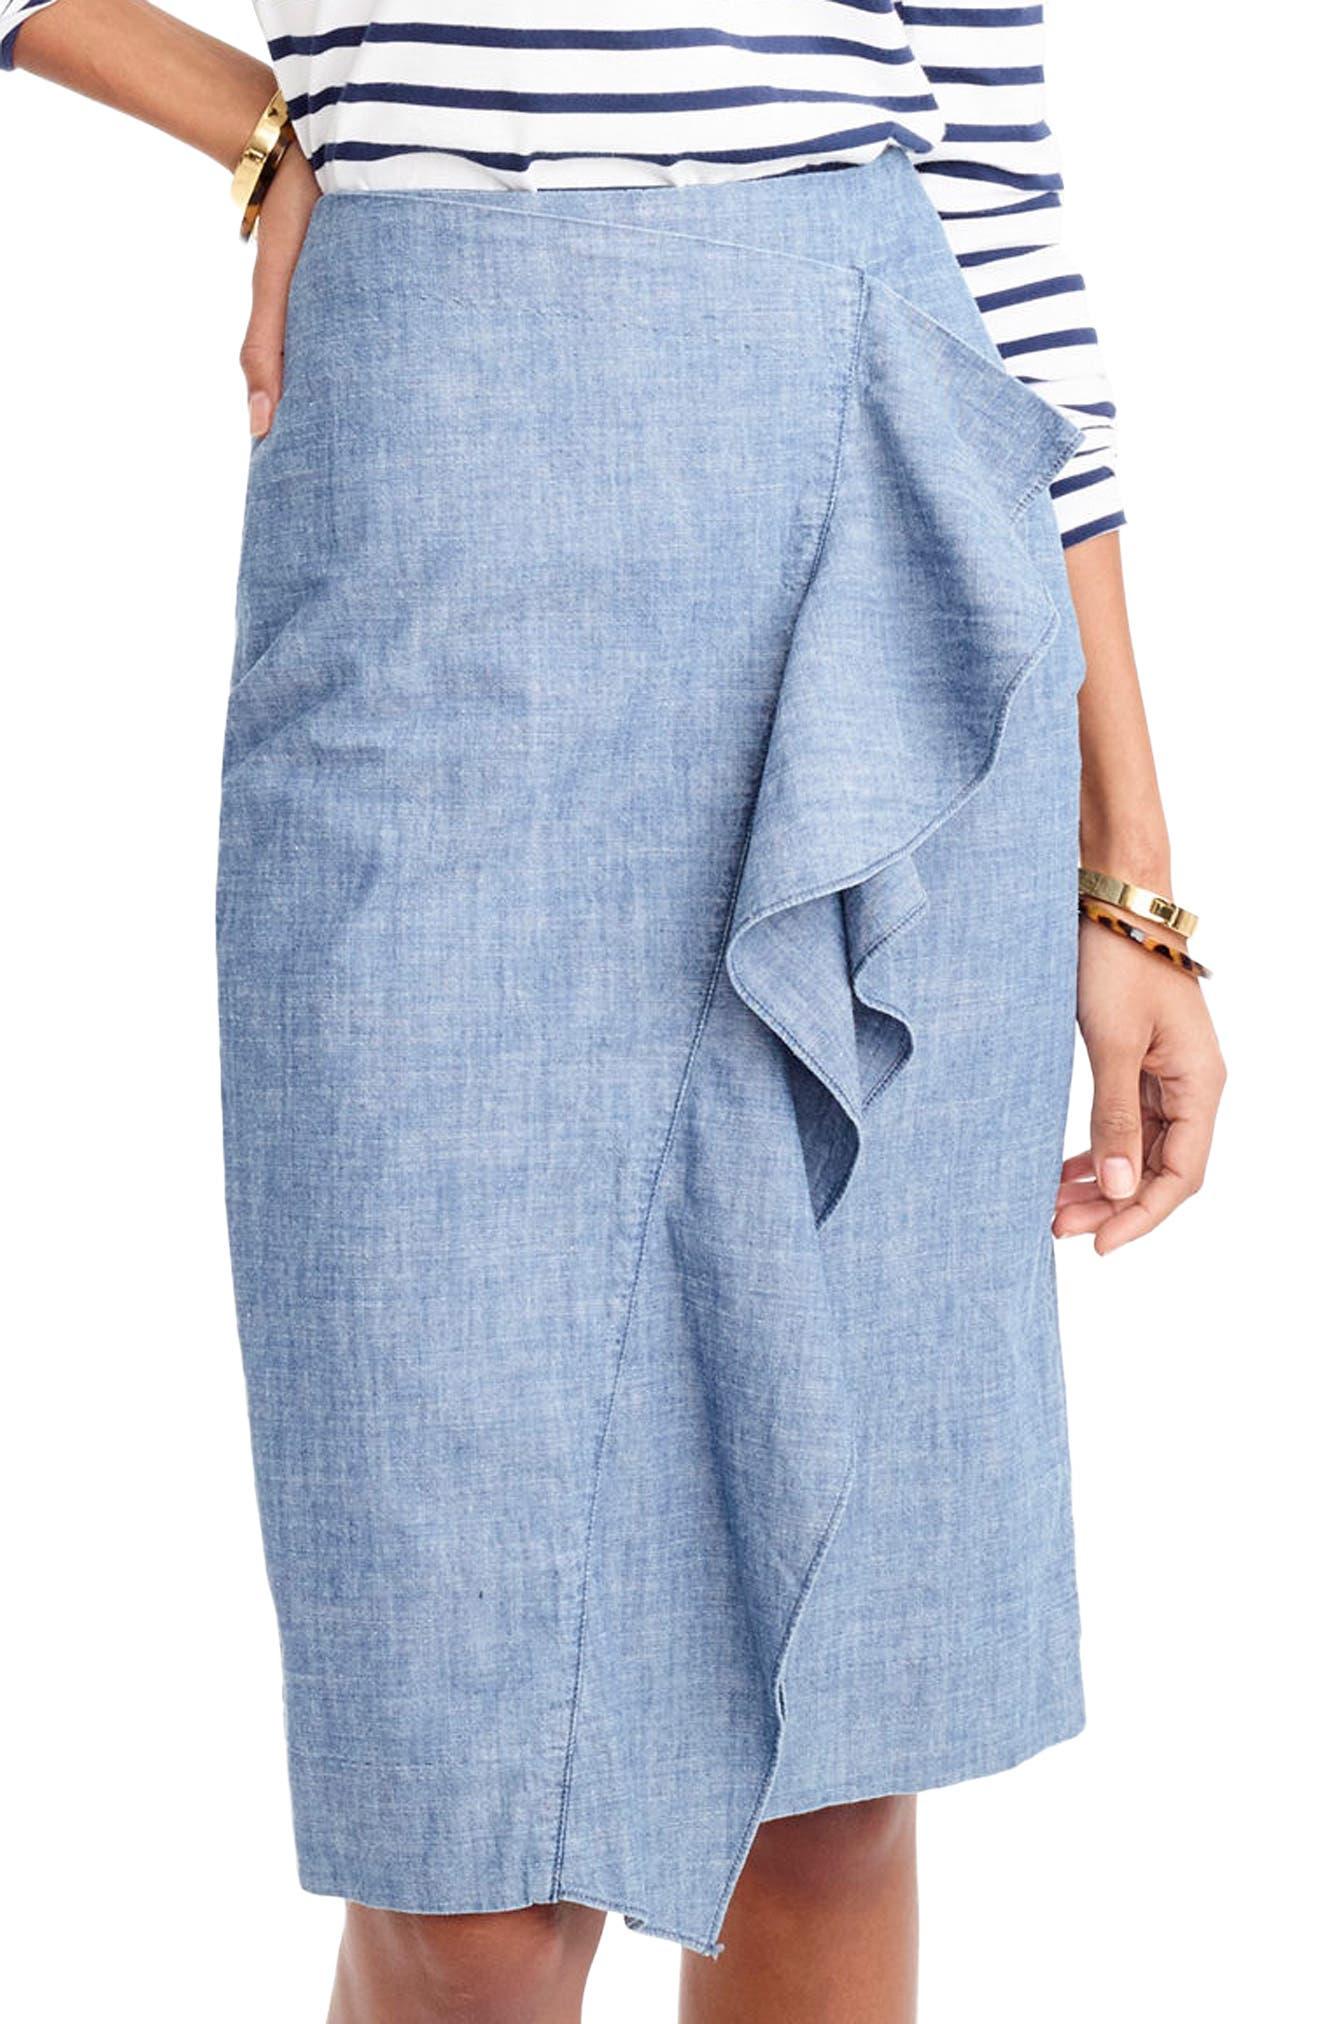 Chambray Ruffle Skirt,                             Main thumbnail 1, color,                             Pale Indigo